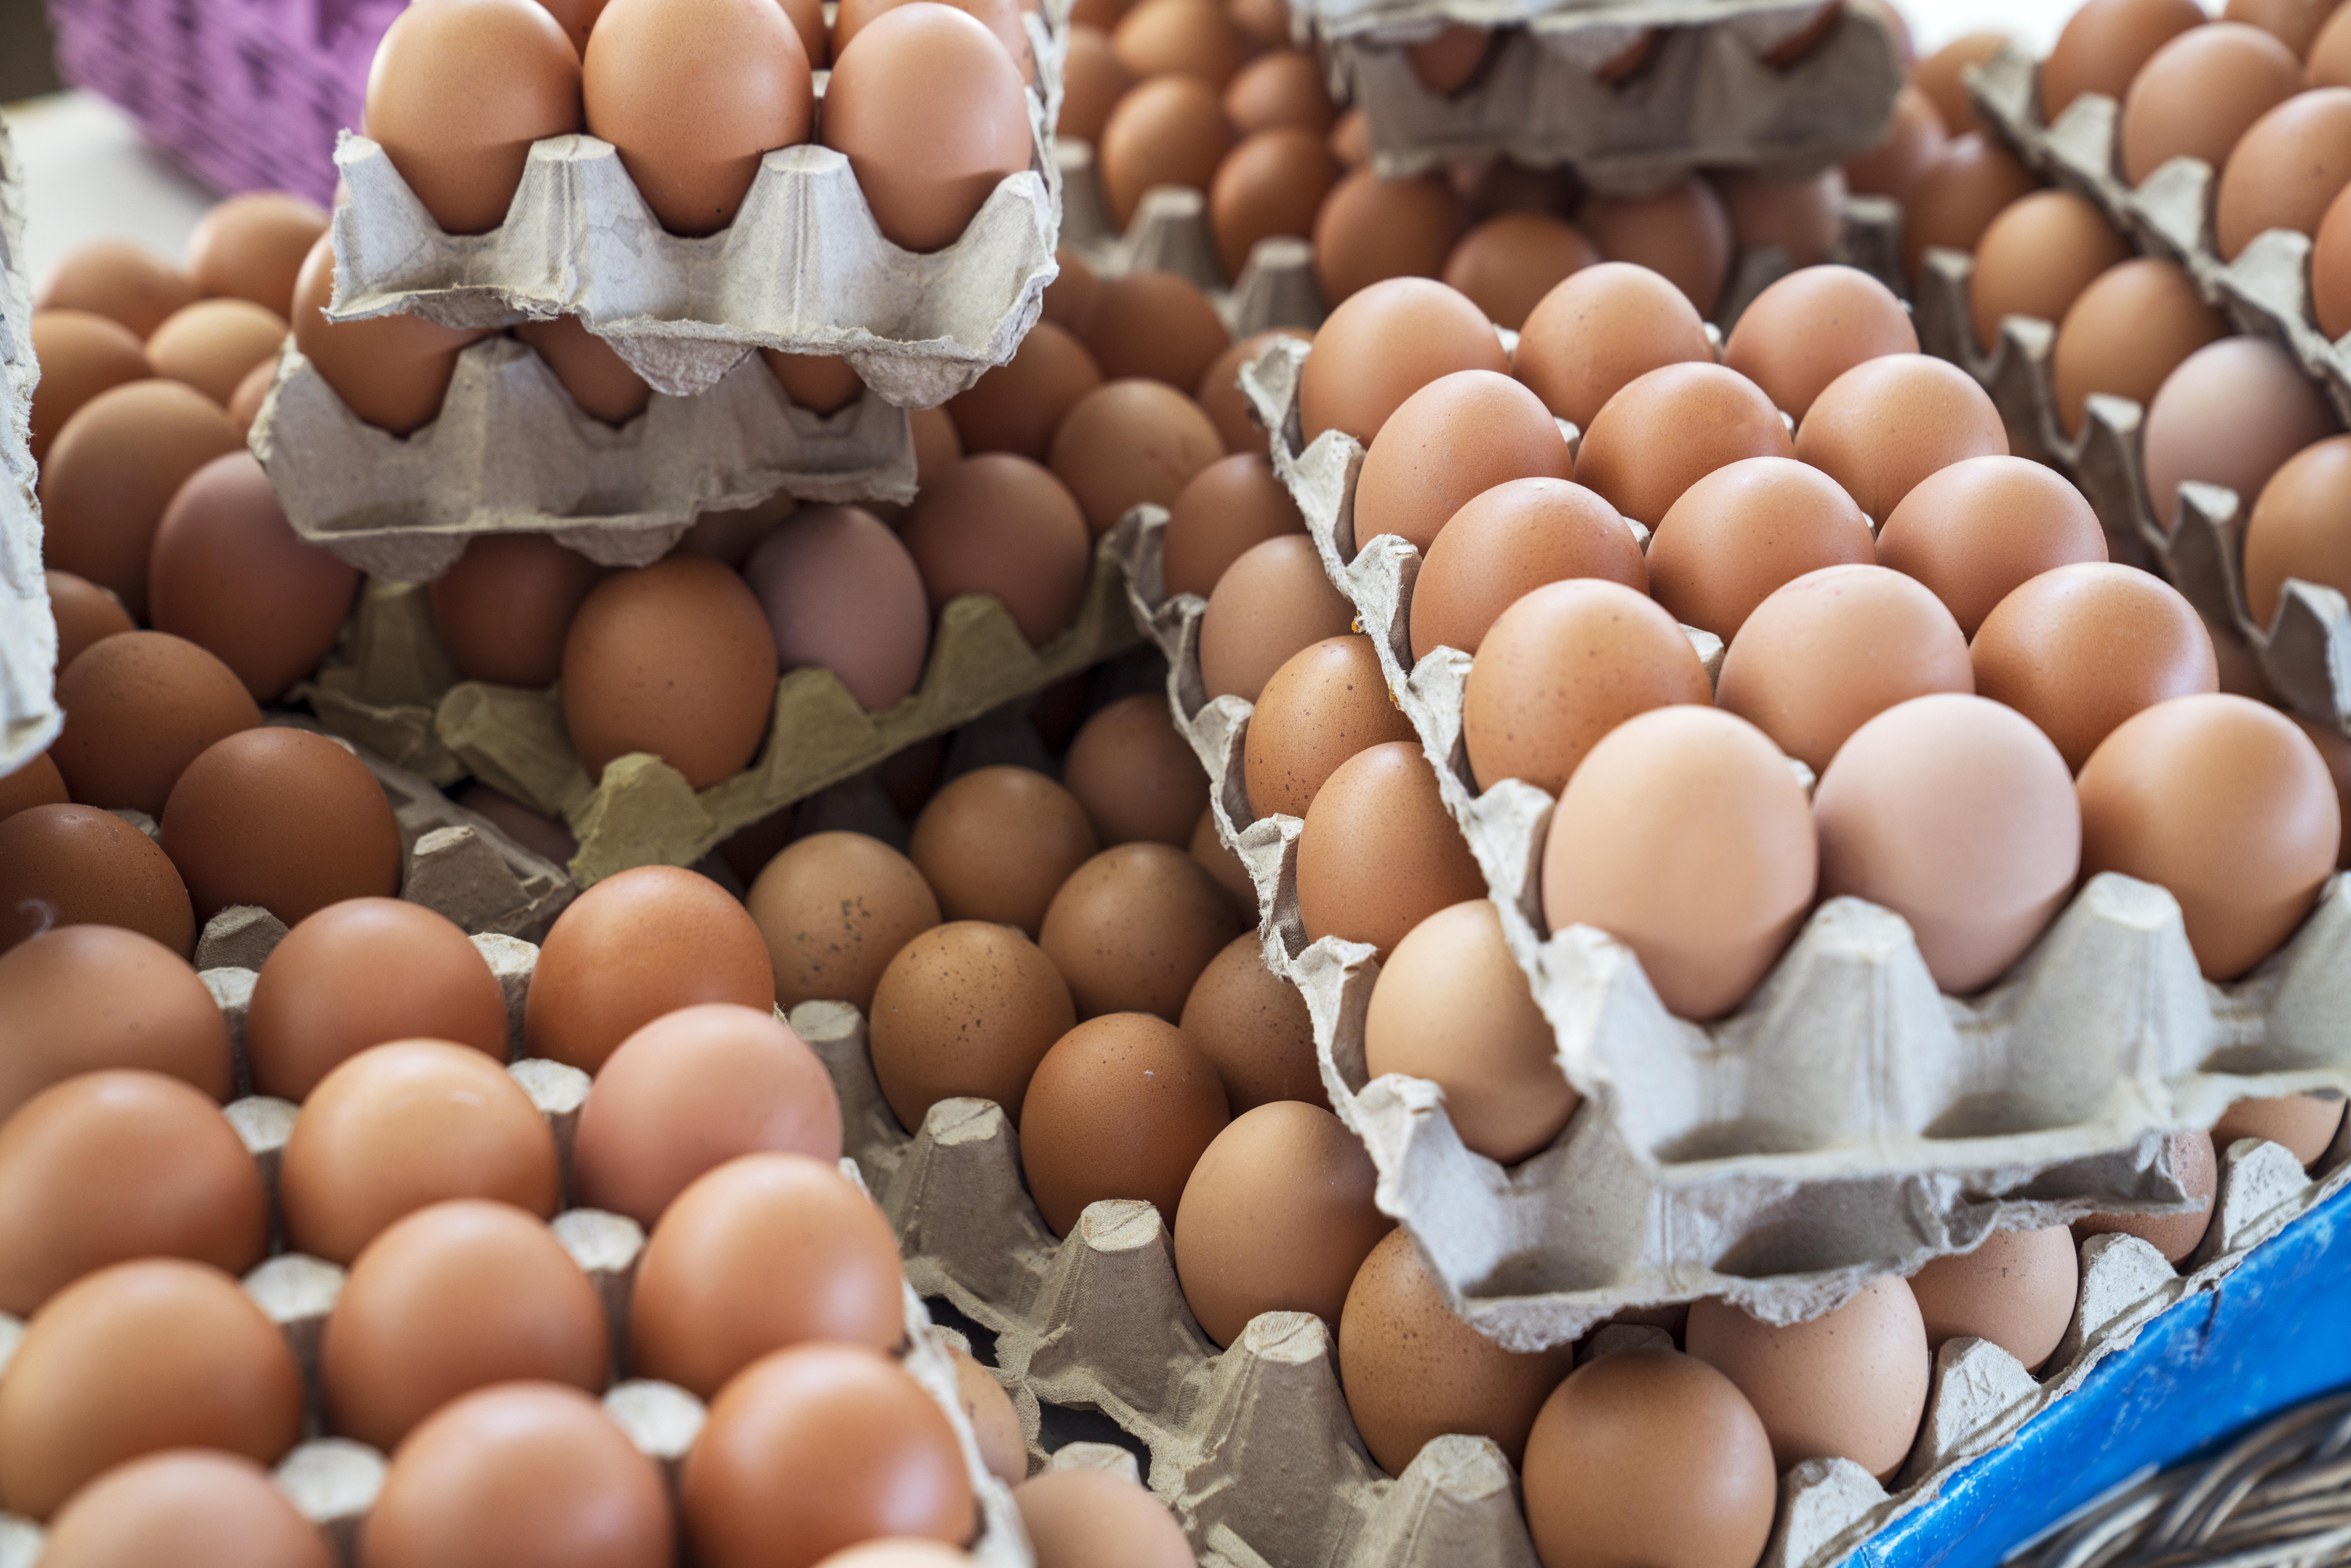 E bine să mâncăm ouă în fiecare zi? Ce spun specialiștii